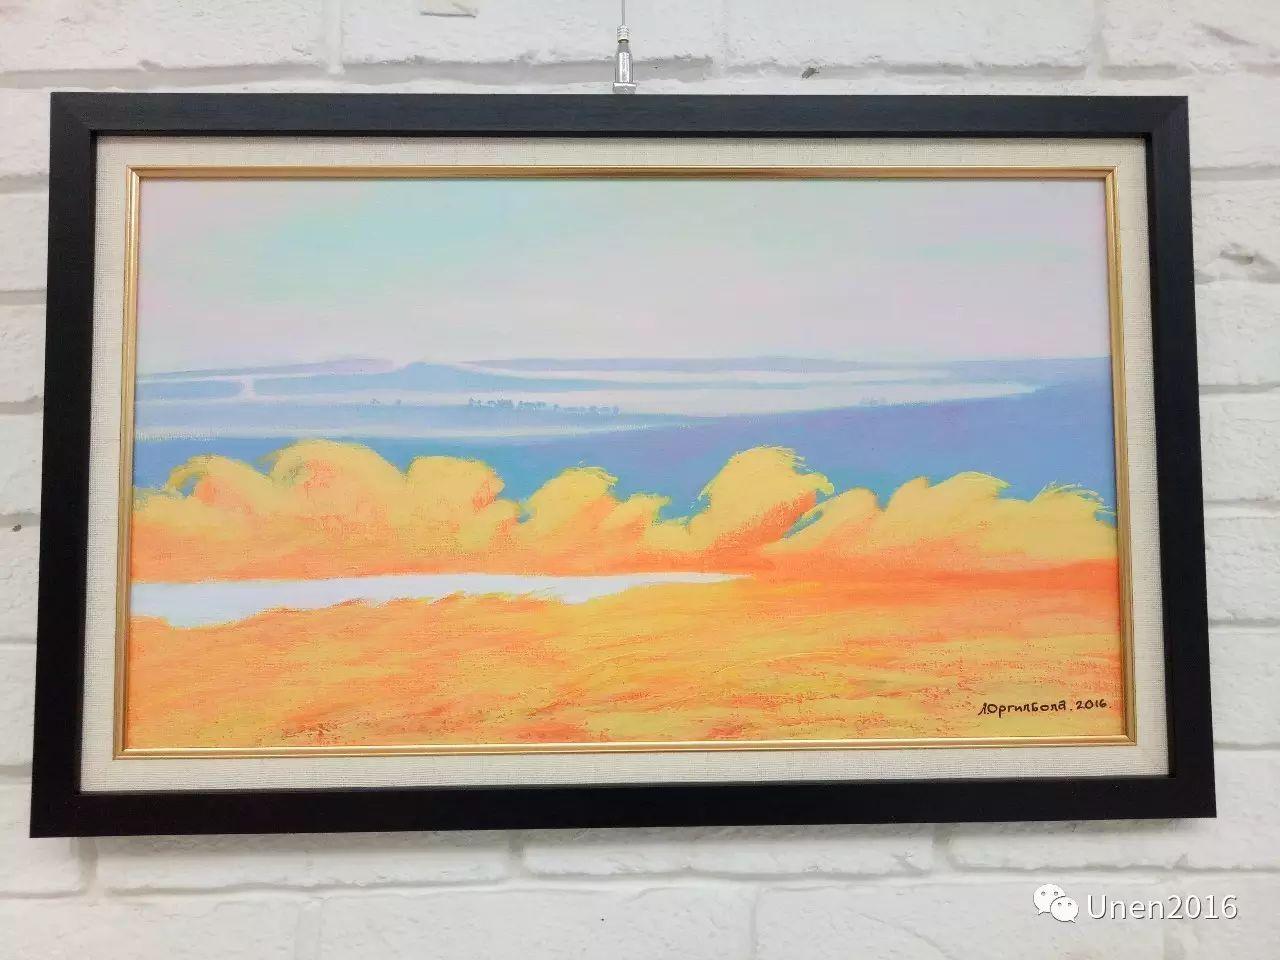 蒙古国画家傲日格勒宝勒德的油画作品 第8张